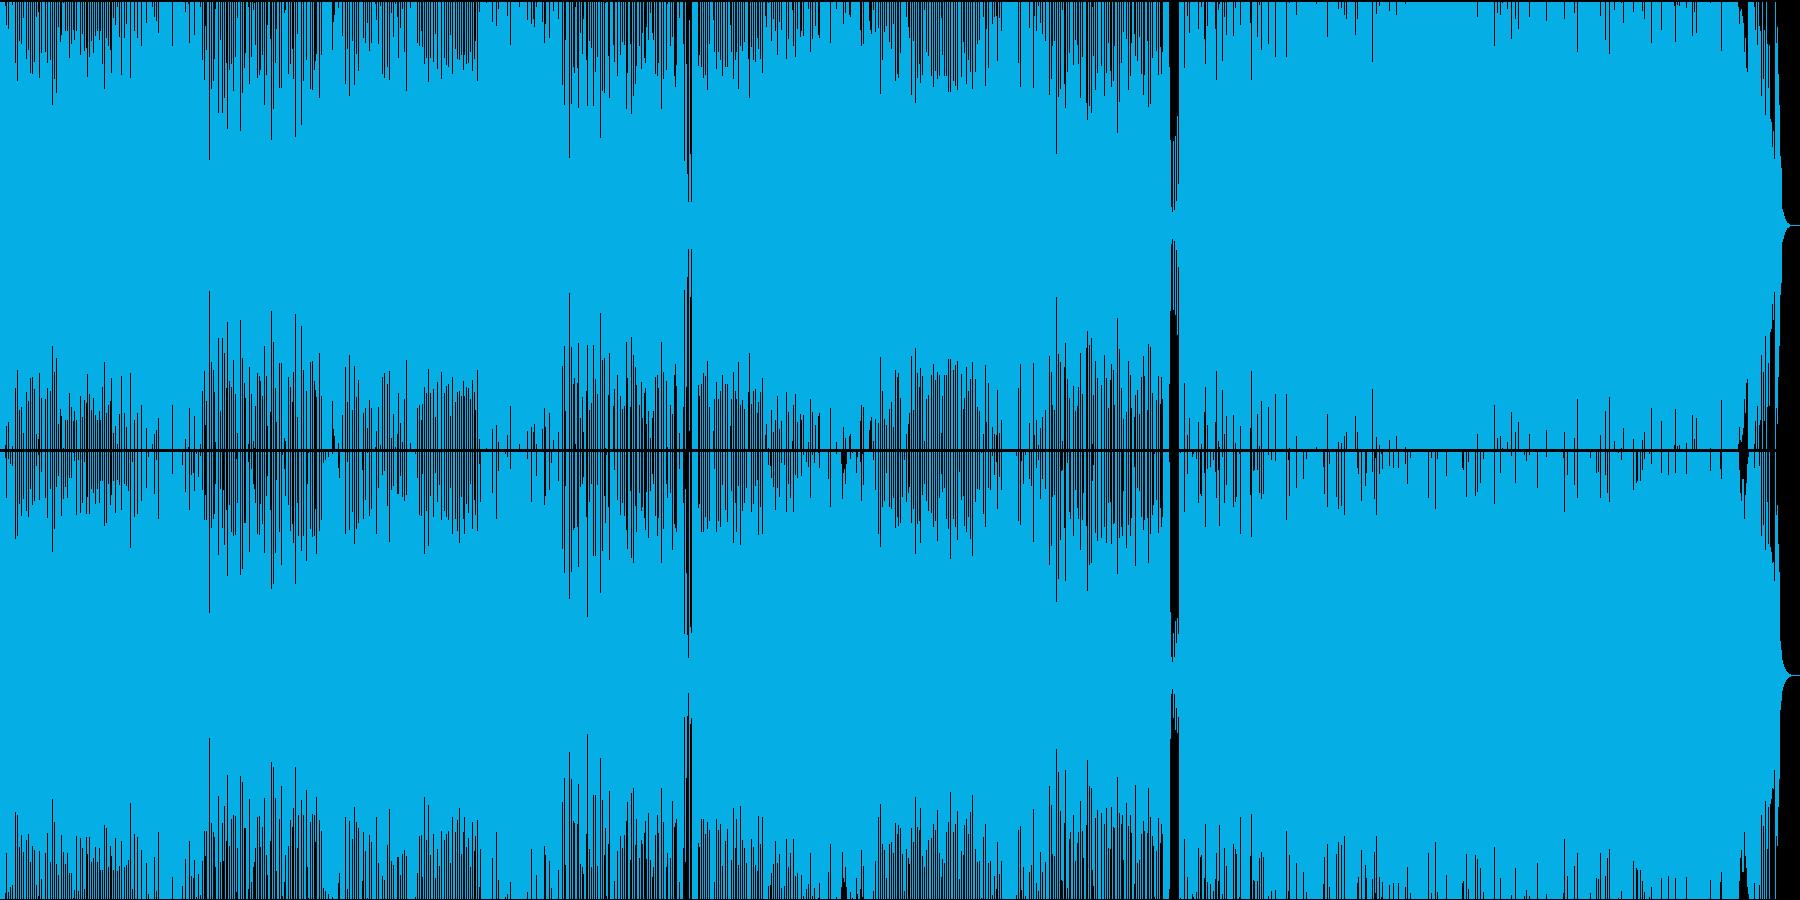 積極的でエネルギッシュなロックミュ...の再生済みの波形